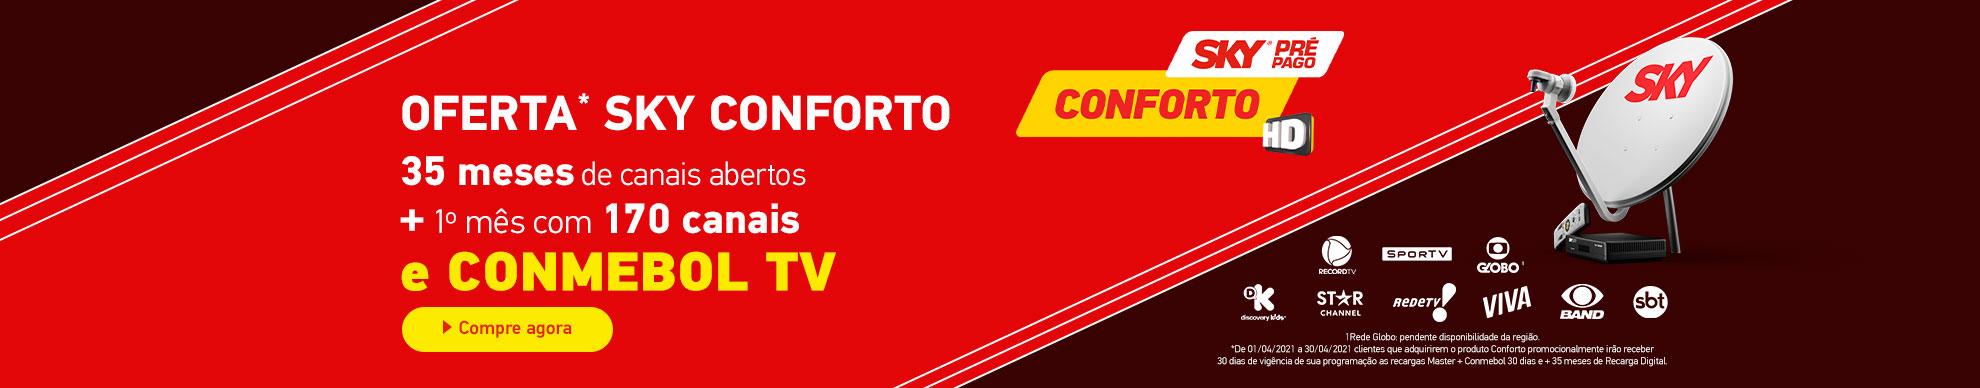 Curta o Kit Conforto com 2 anos de programação inclusa.